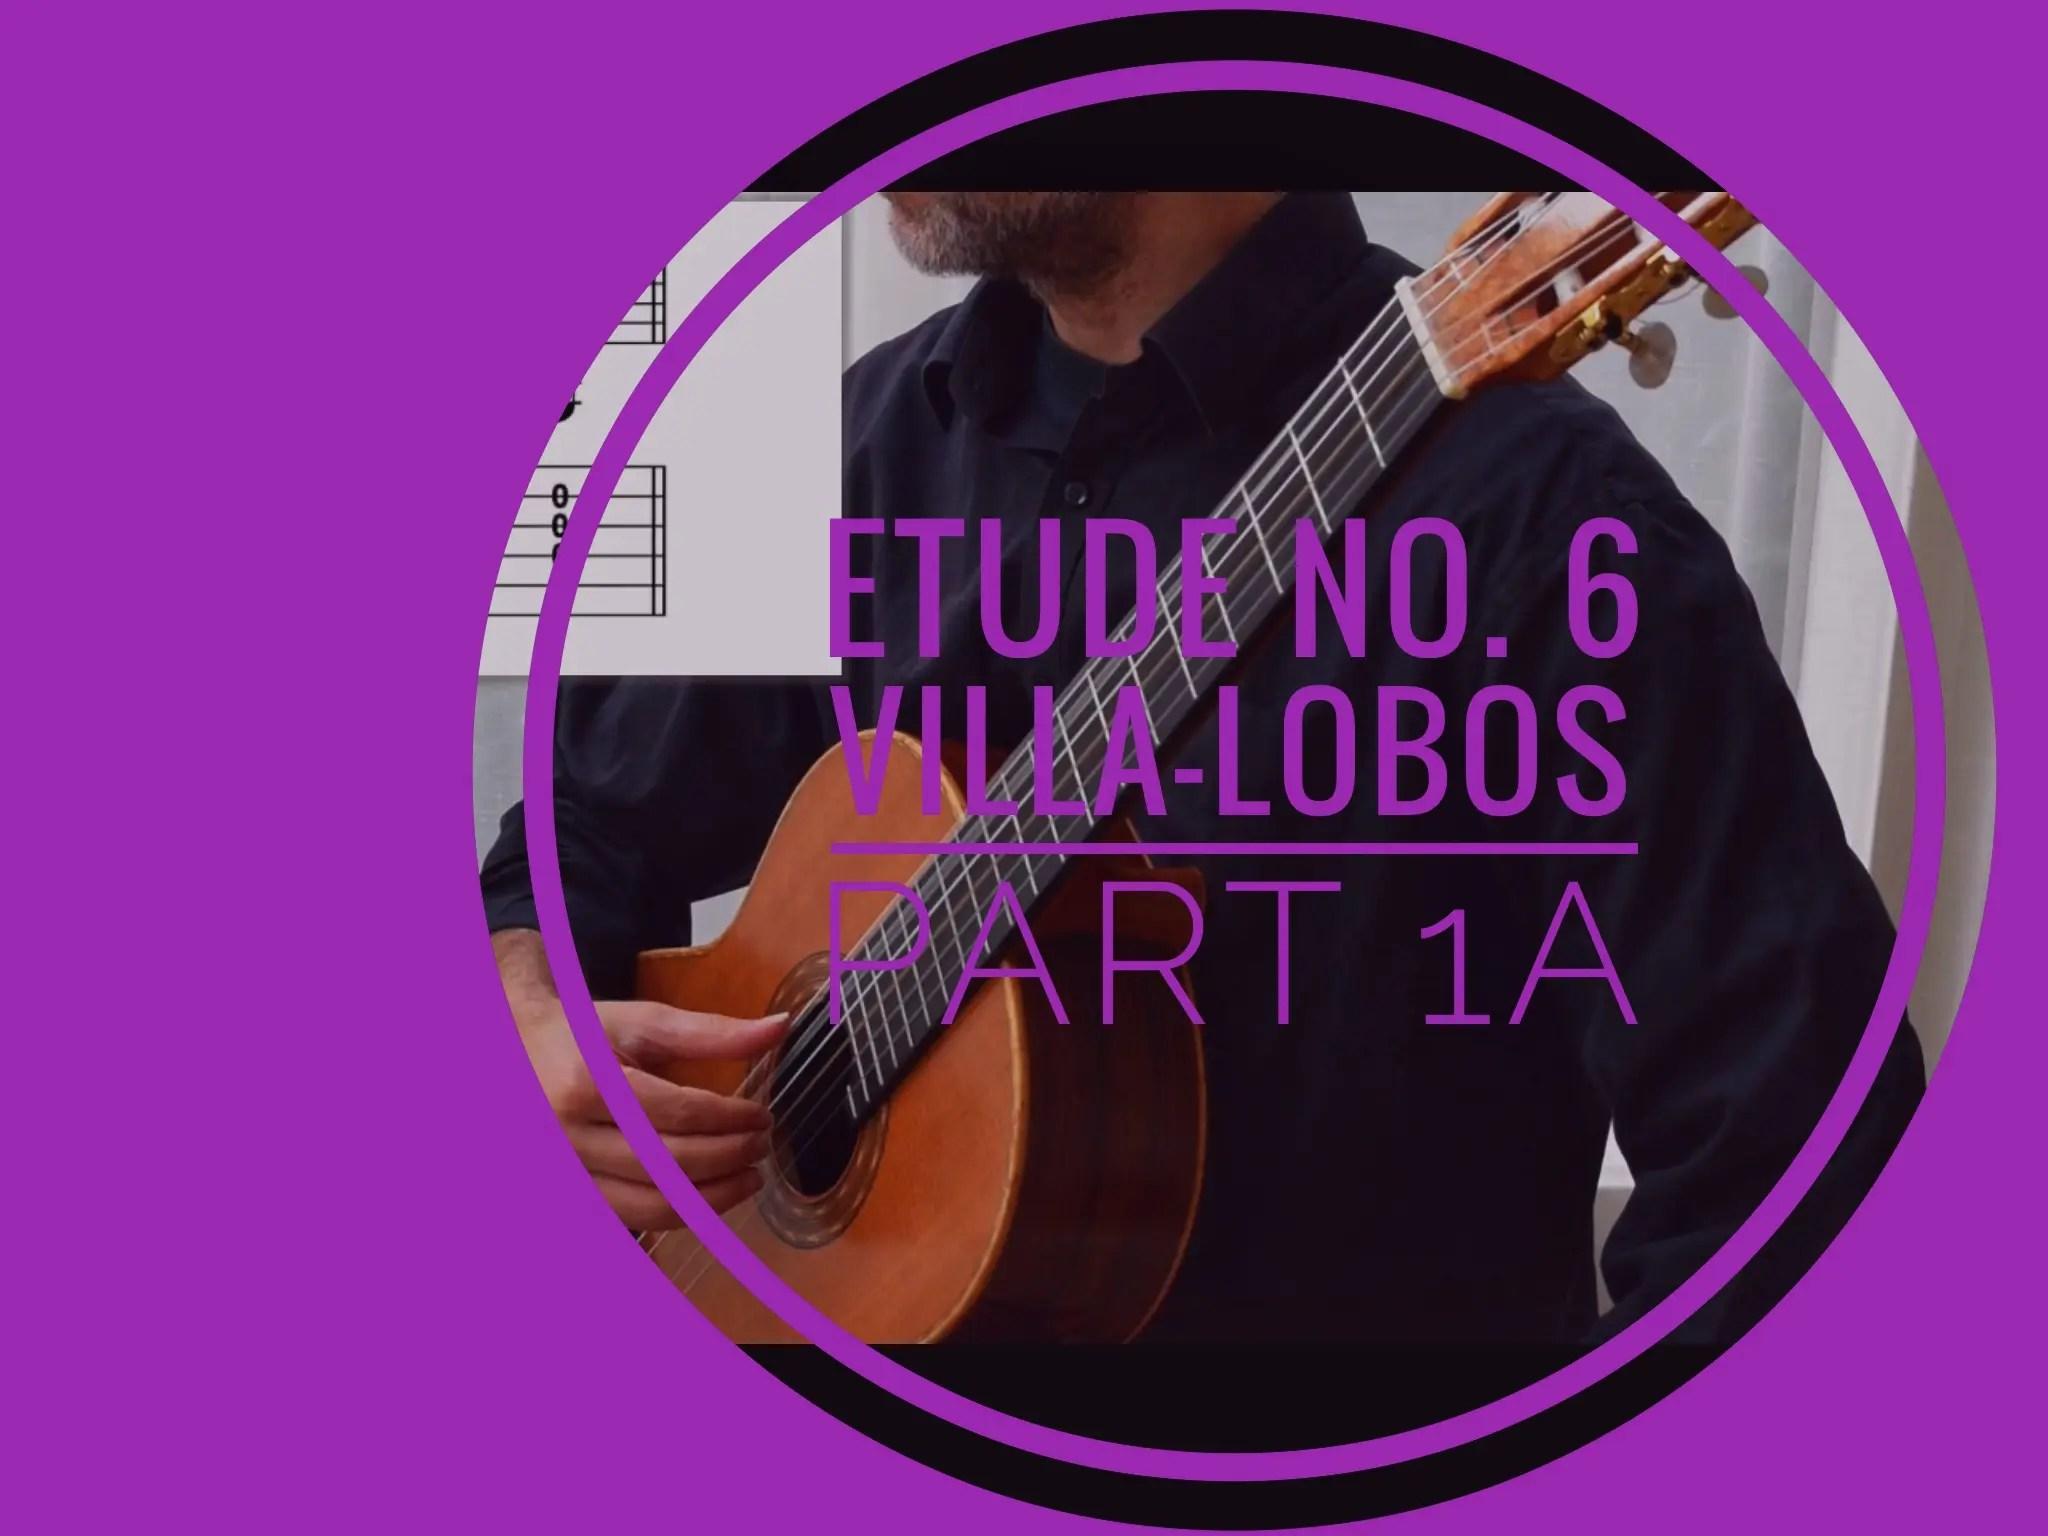 Approaching Etude No. 6 Villa-Lobos